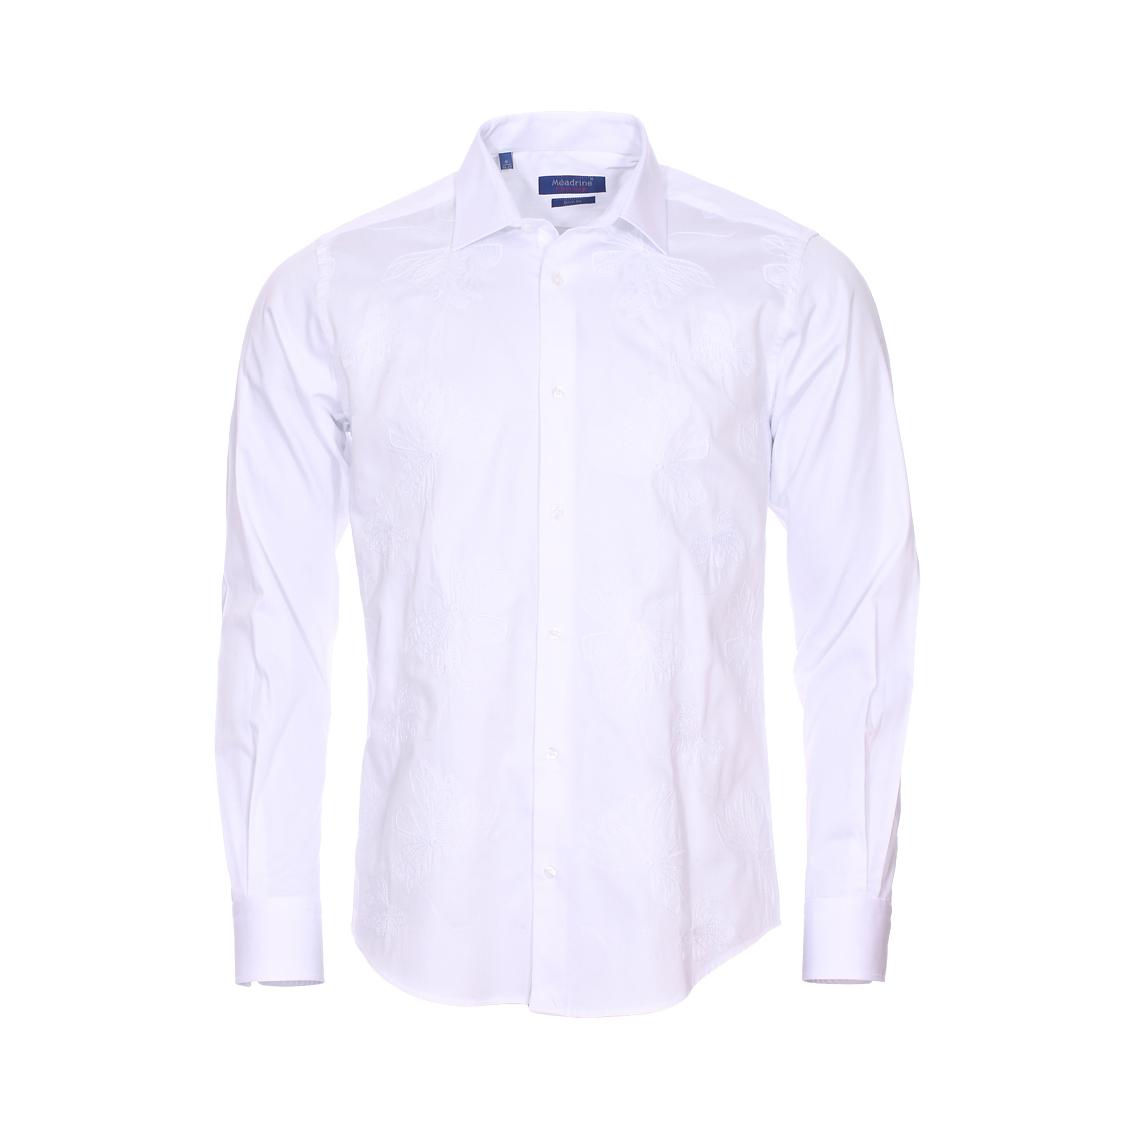 Chemise cintrée  broderie en coton blanc à fleurs brodées ton sur ton